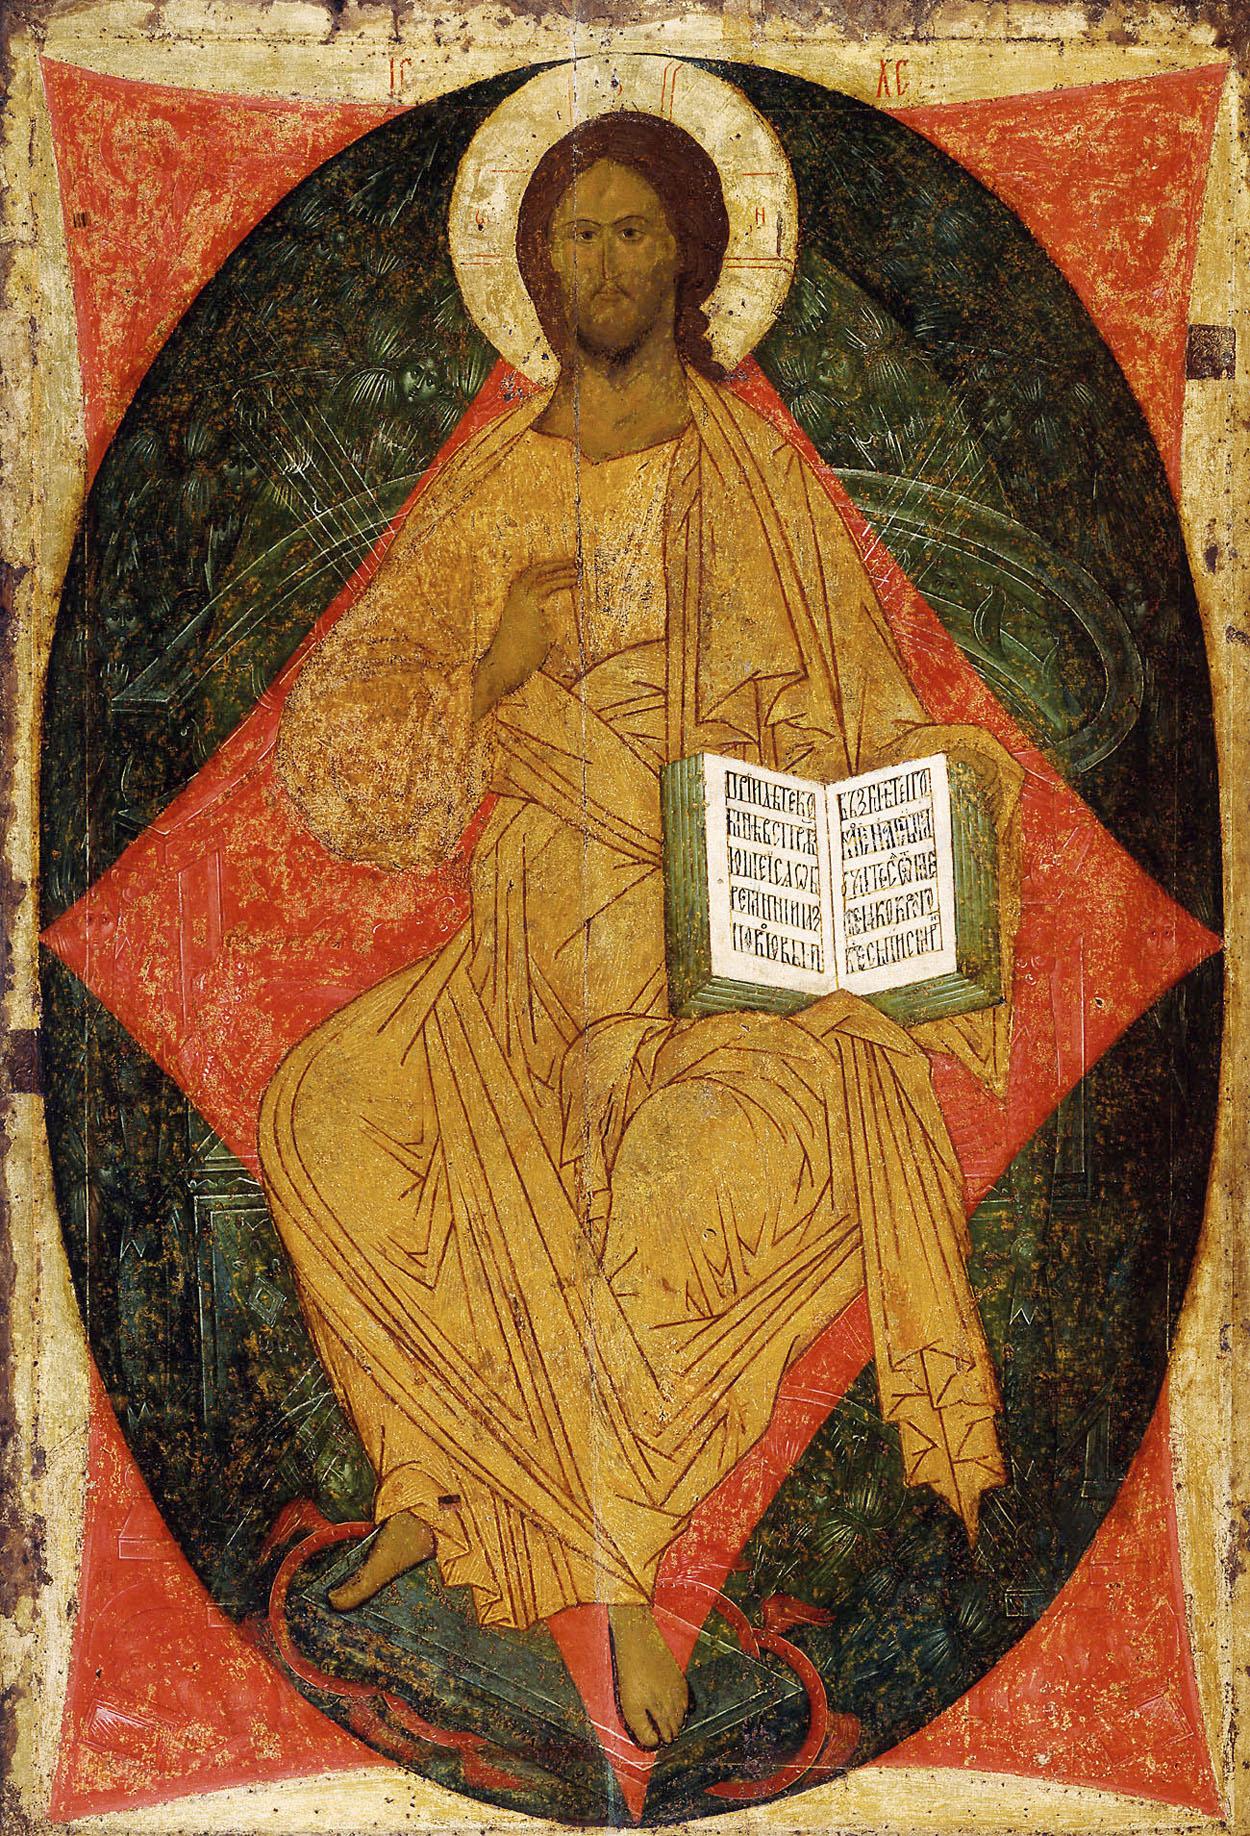 СПАС В СИЛАХ: Господь Иисус Христос в ...: www.cirota.ru/forum/view.php?subj=79912&order=&pg=6